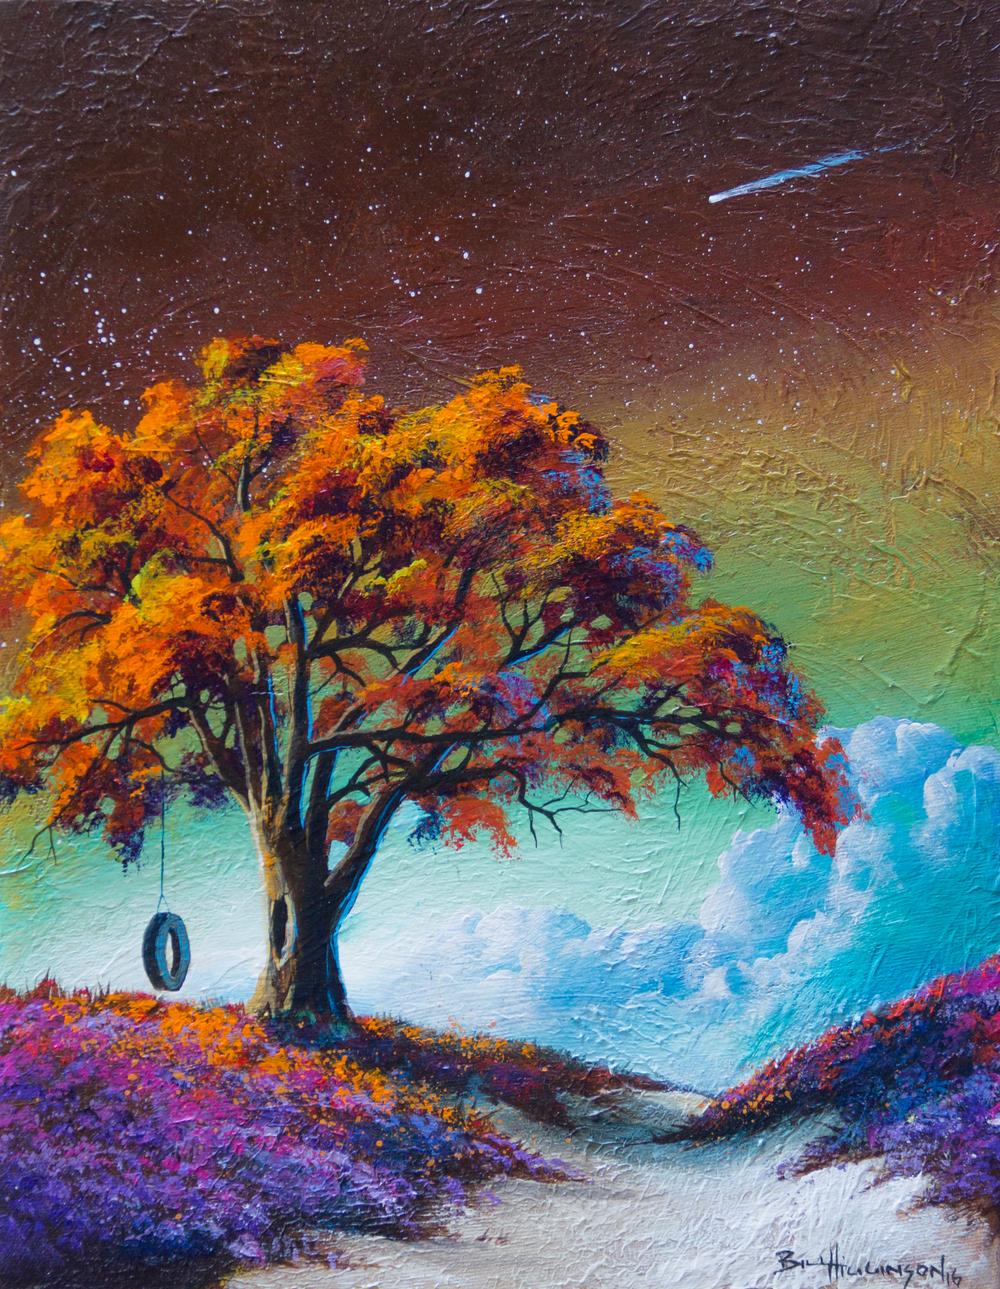 bill-higginson/art/ginger-tree/fantasy-landscape-surrealism